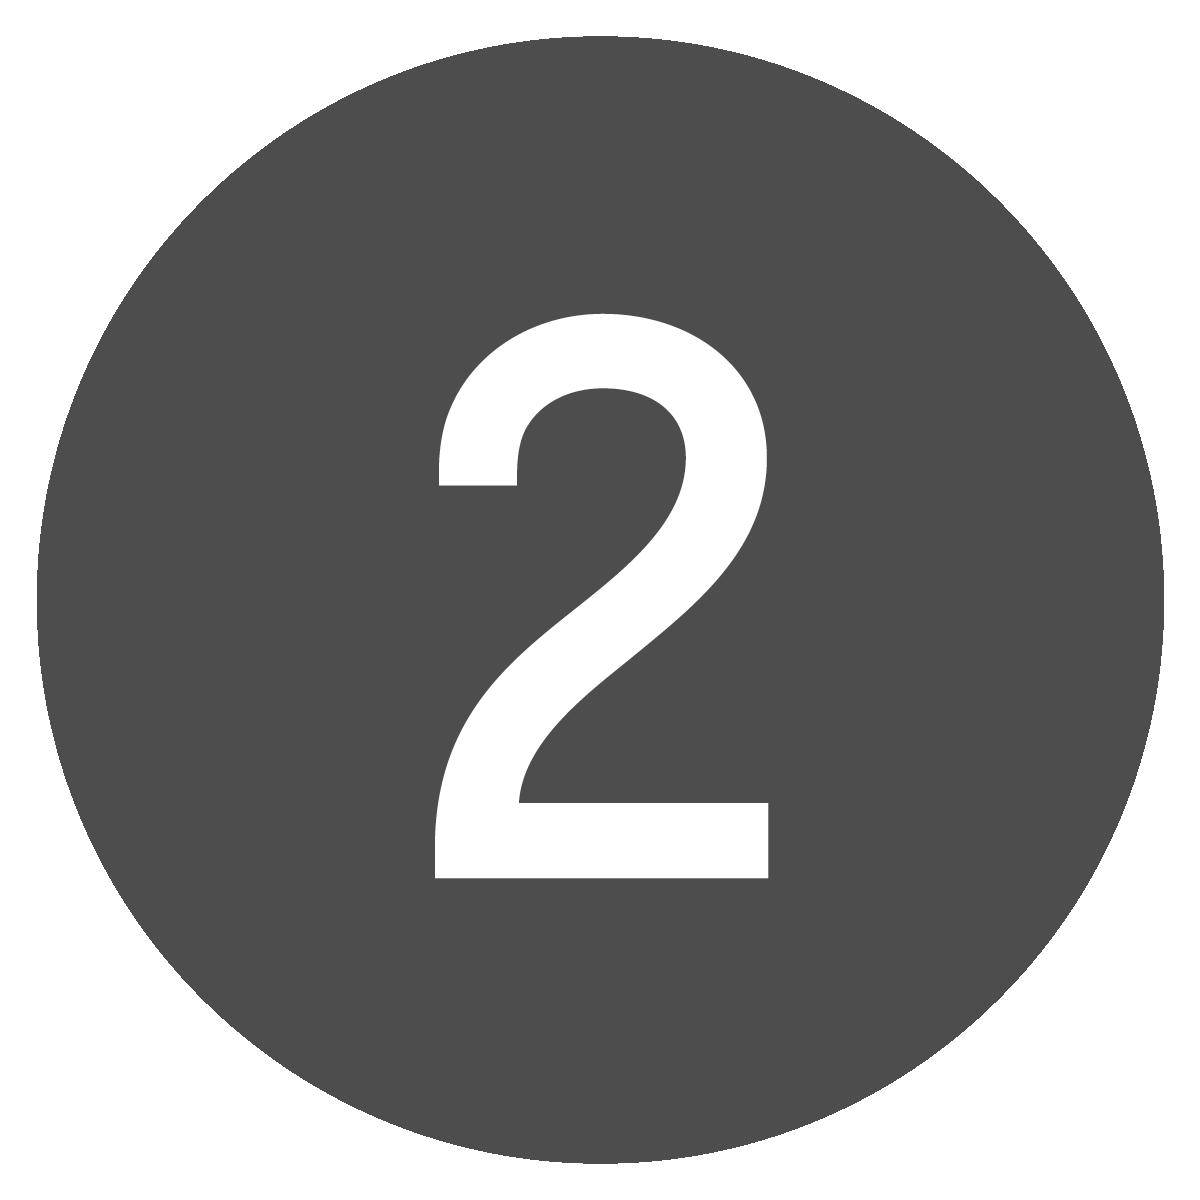 Botón redondo del número dos.